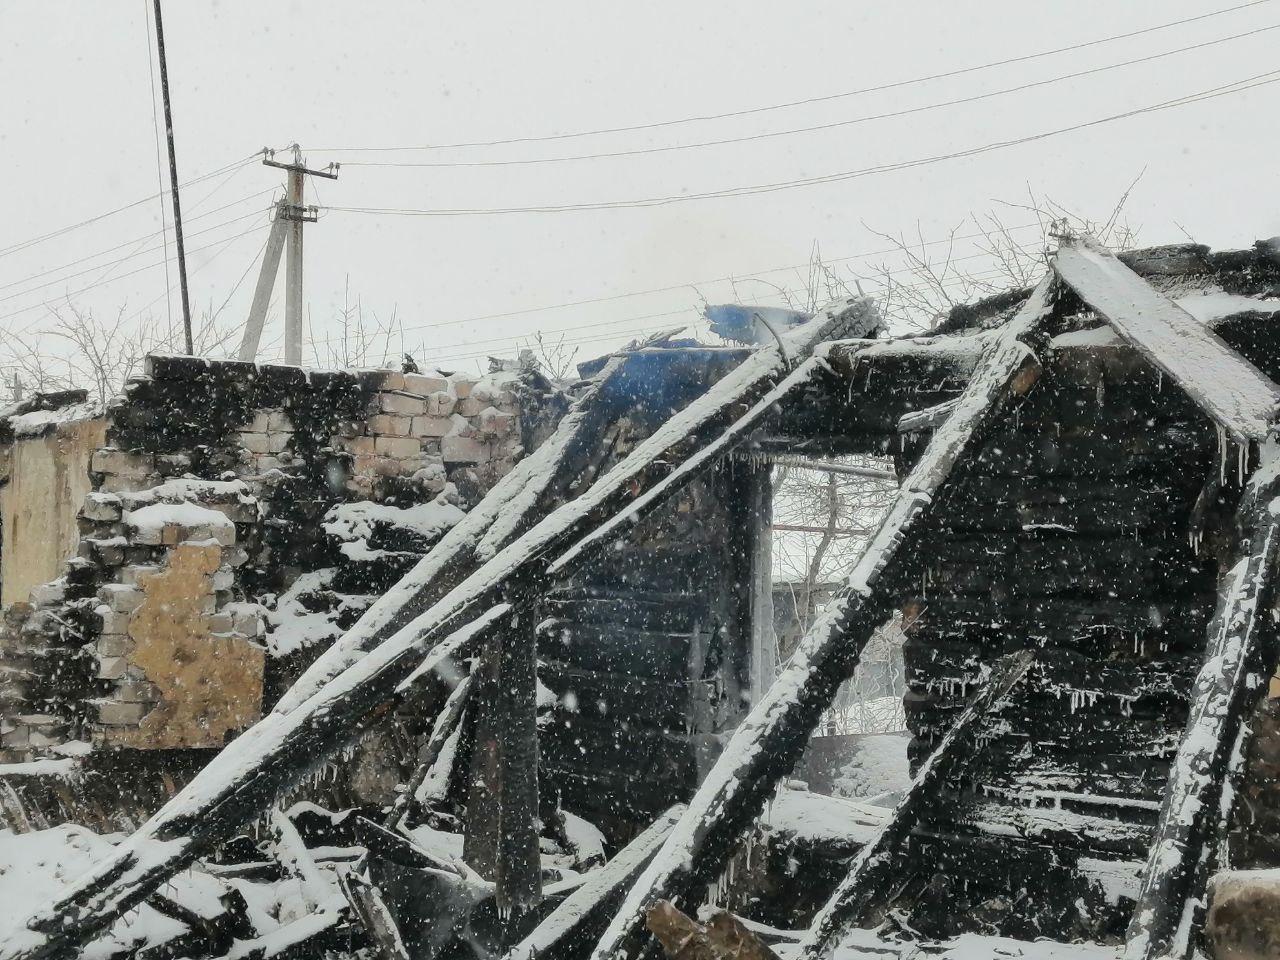 В посёлке Михайловка сгорел цех активиста, выступающего против присоединения села к Саратову. Мужчина не исключает поджог